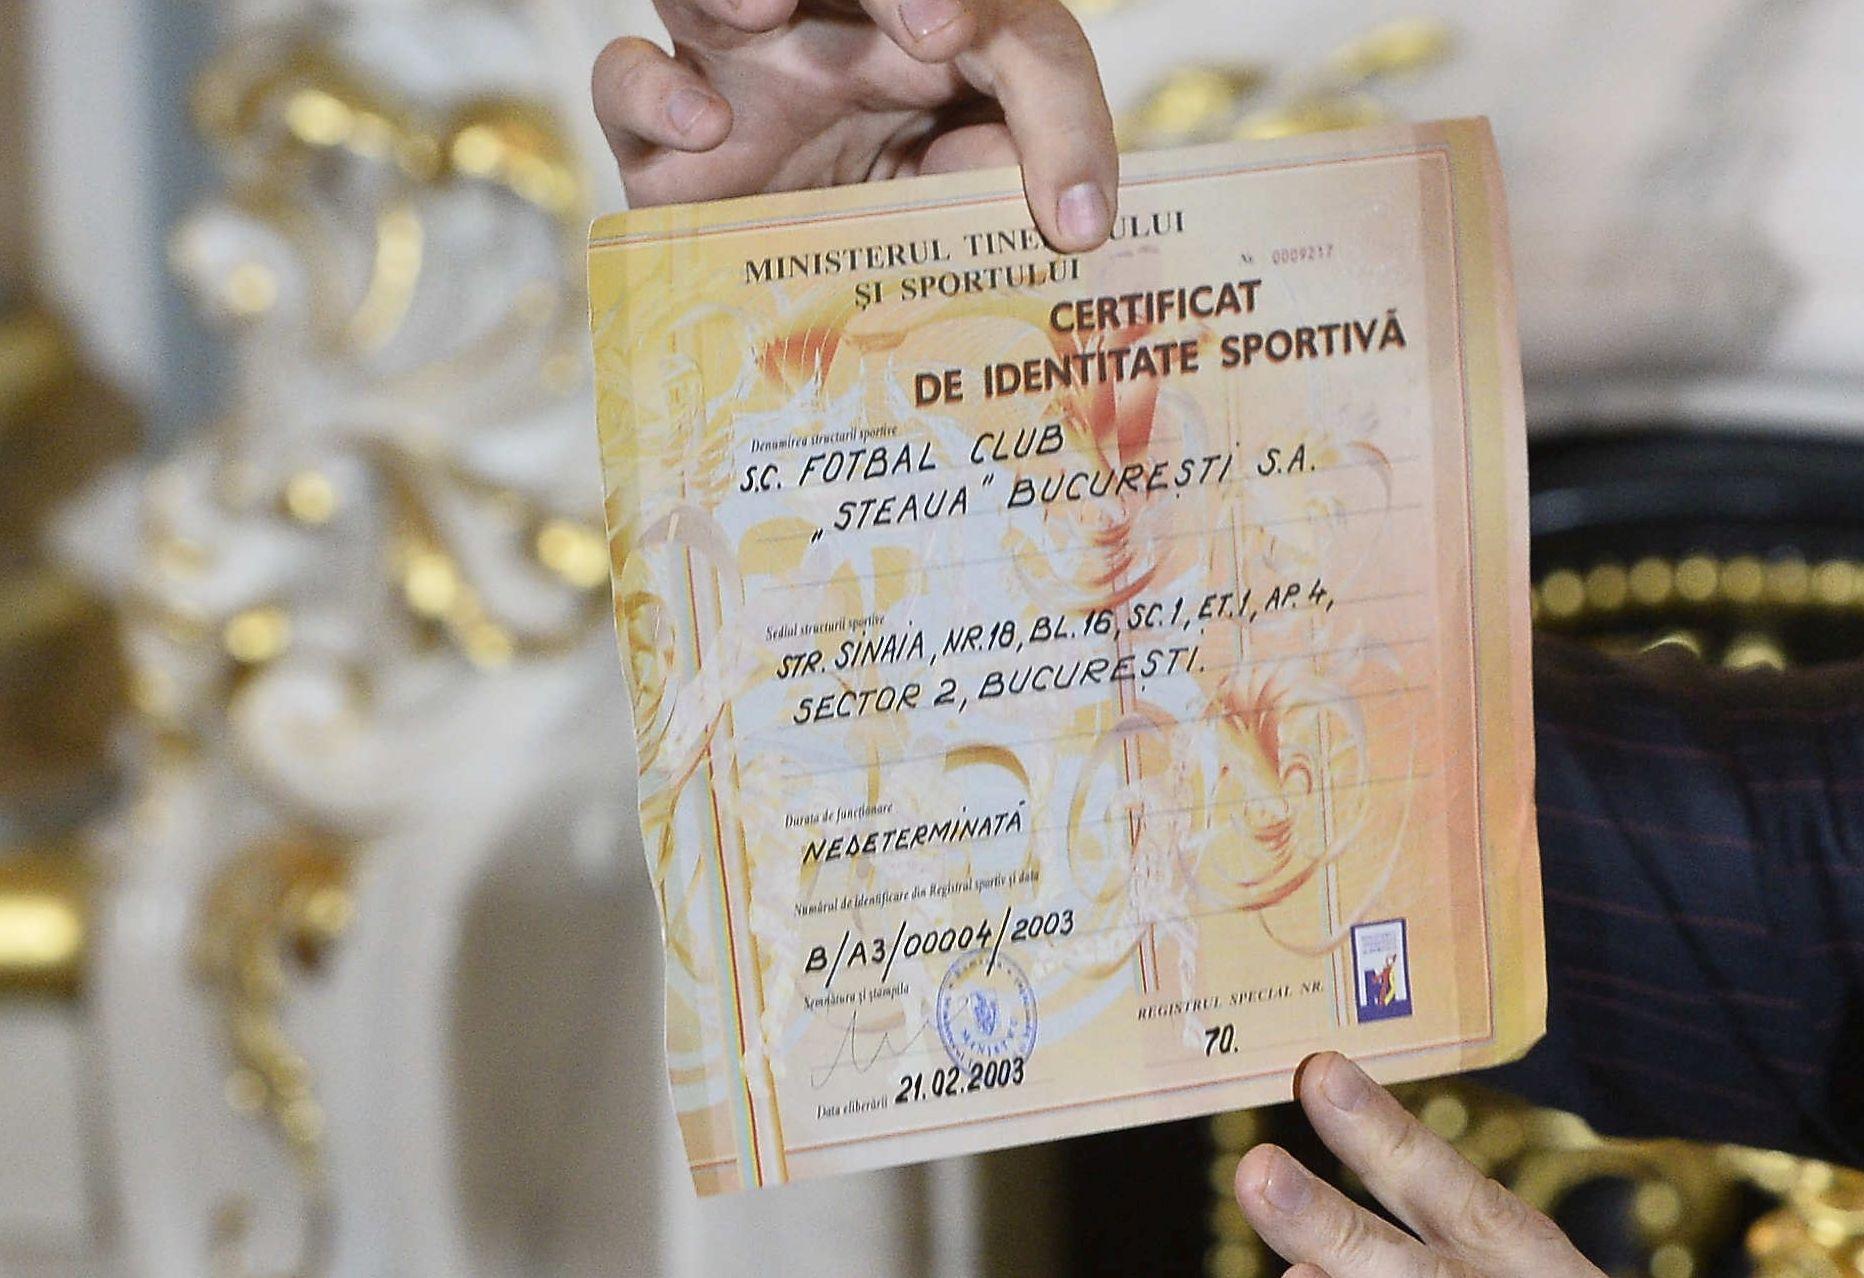 certificat identitate sportiva fcsb